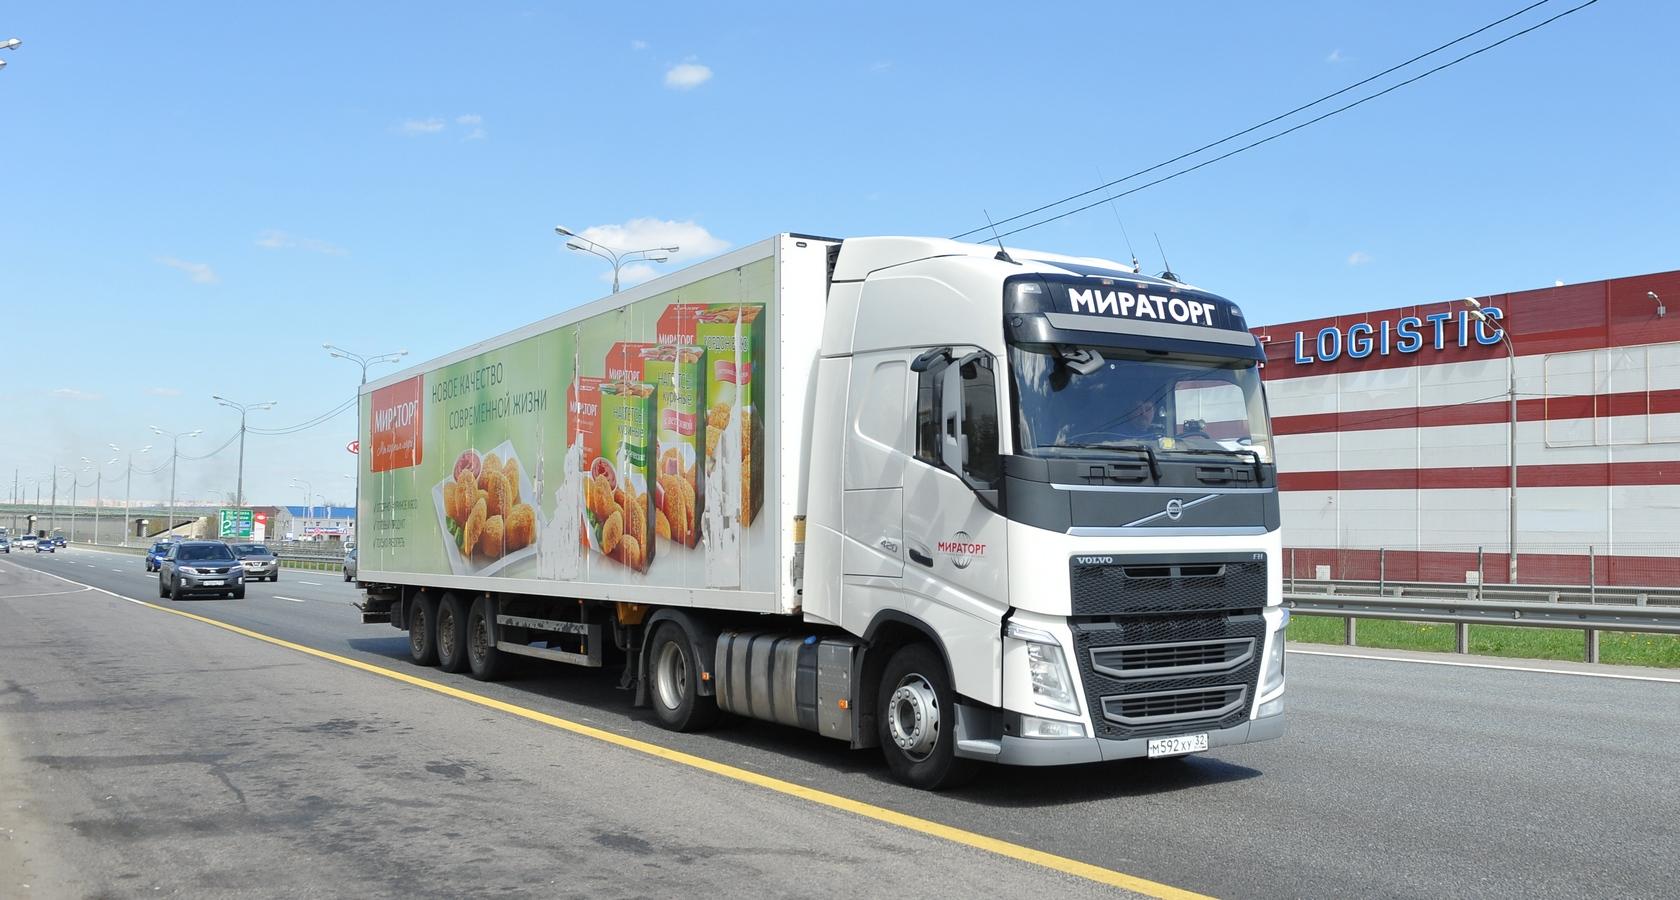 Если торговая марка указывает на характер перевозимых грузов, то потенциальный риск может перевесить выгоды (фото: Денис Хуторецкий)